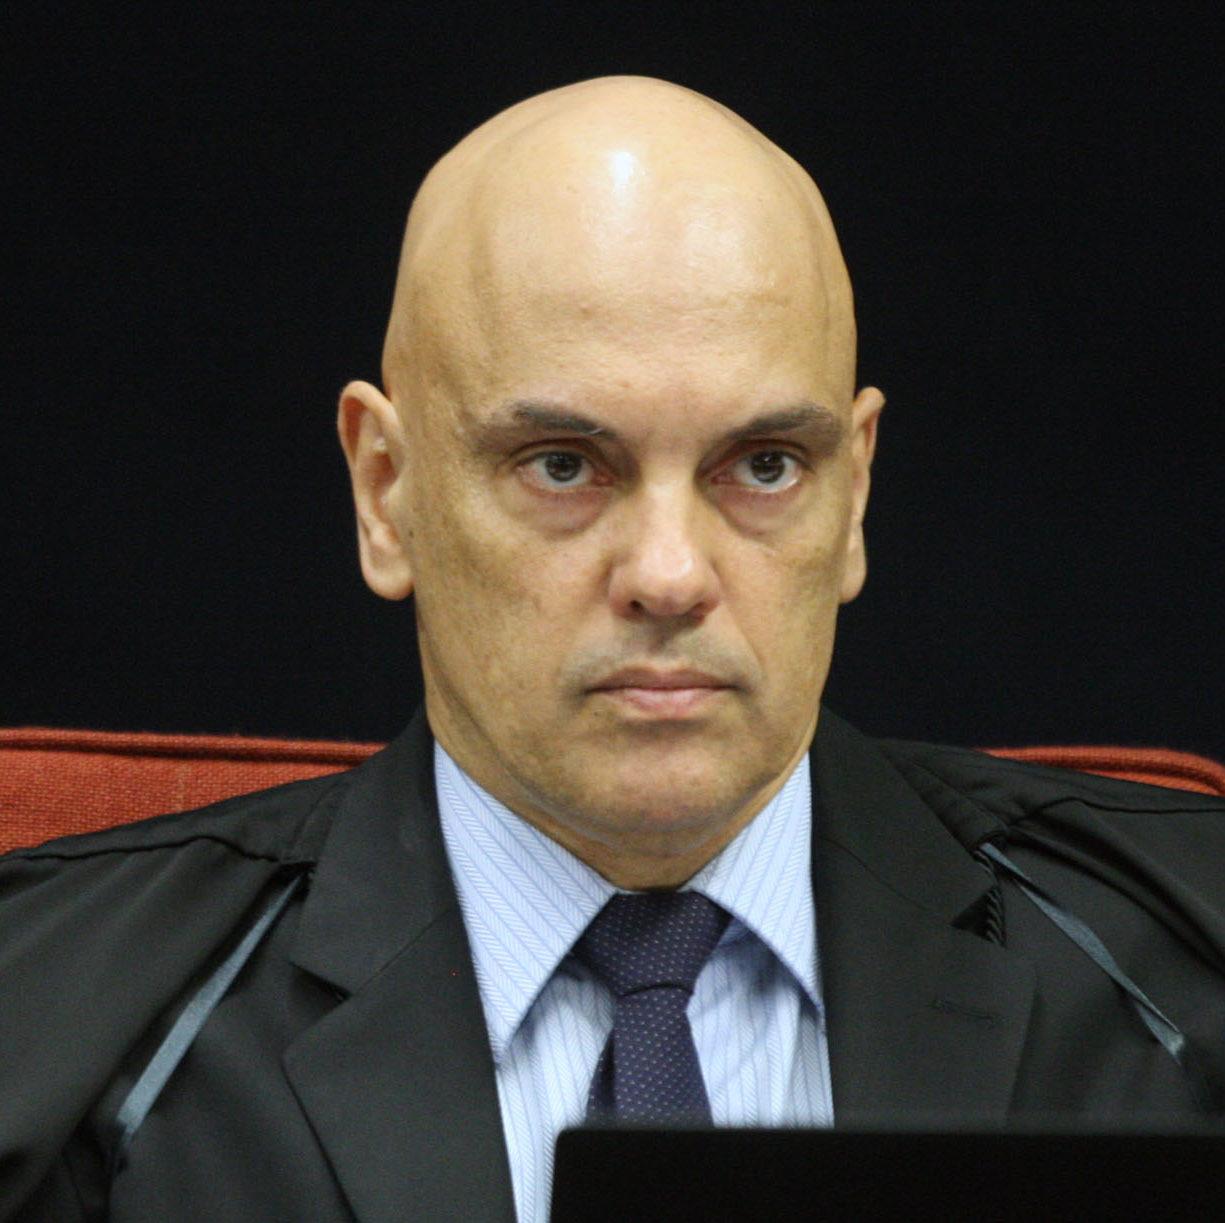 Moraes prorroga inquéritos sobre fake news e atos antidemocráticos